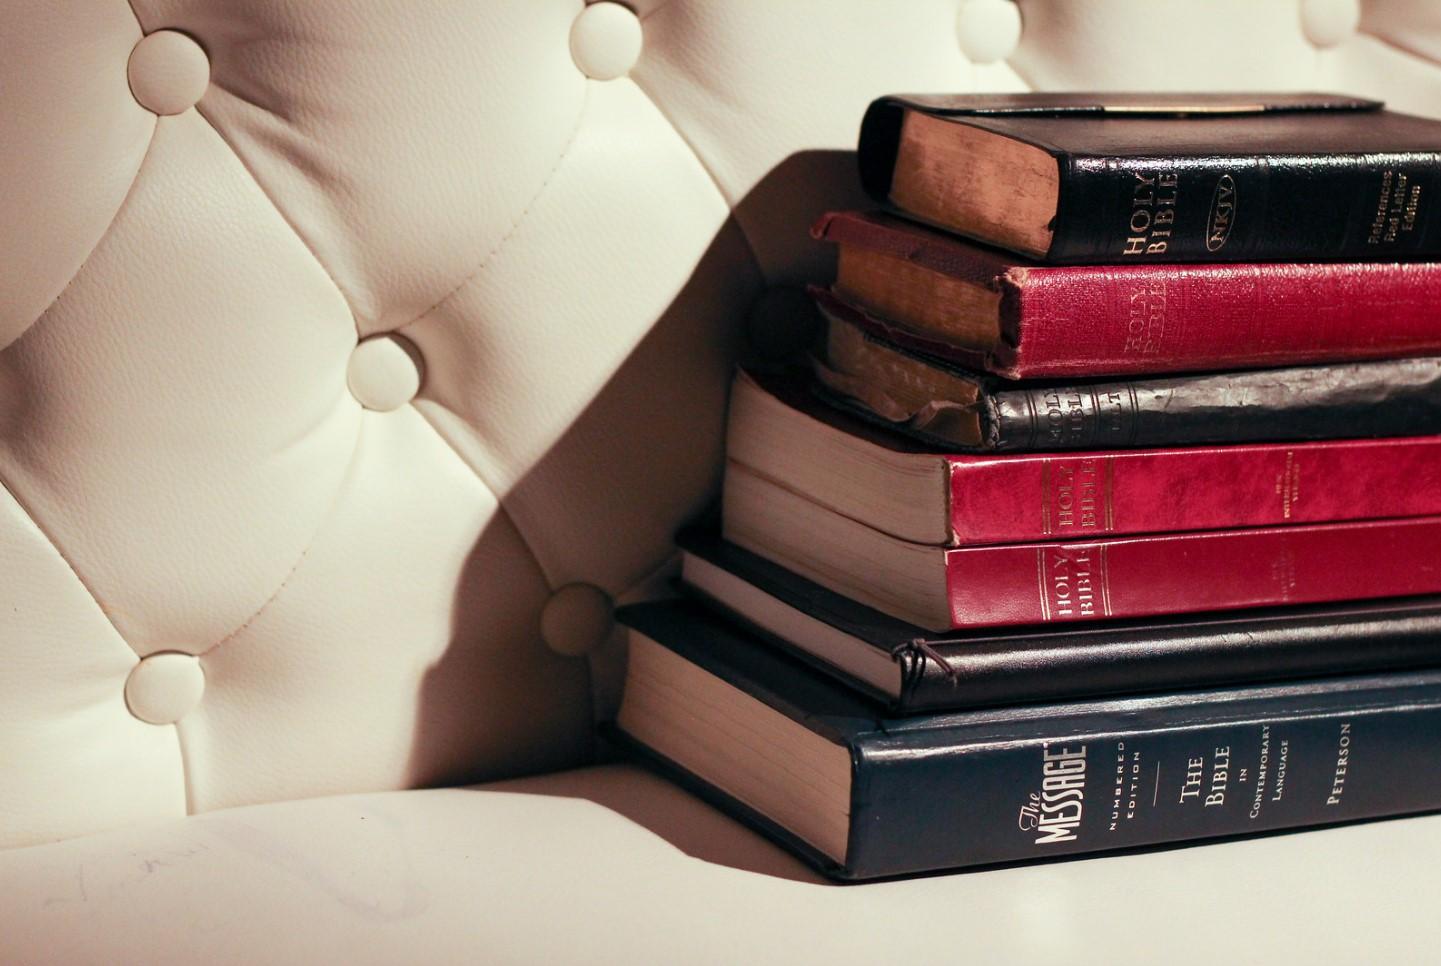 libros en sillón